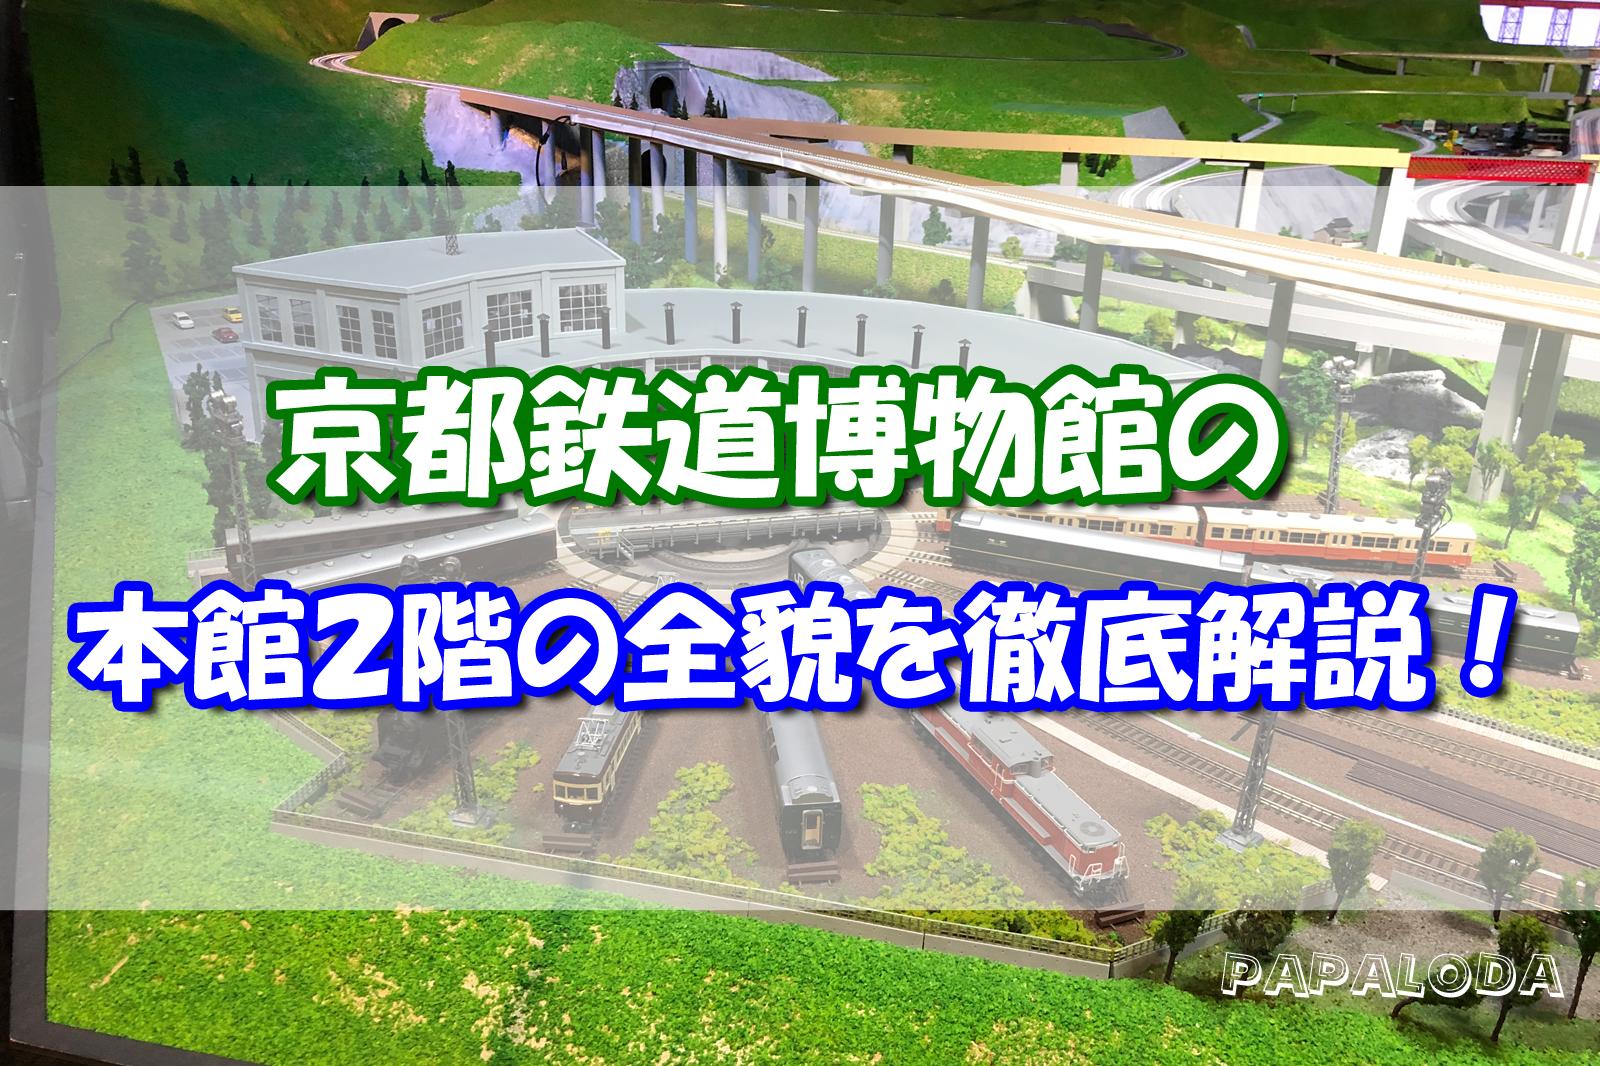 京都鉄道博物の館本館2階徹底解説